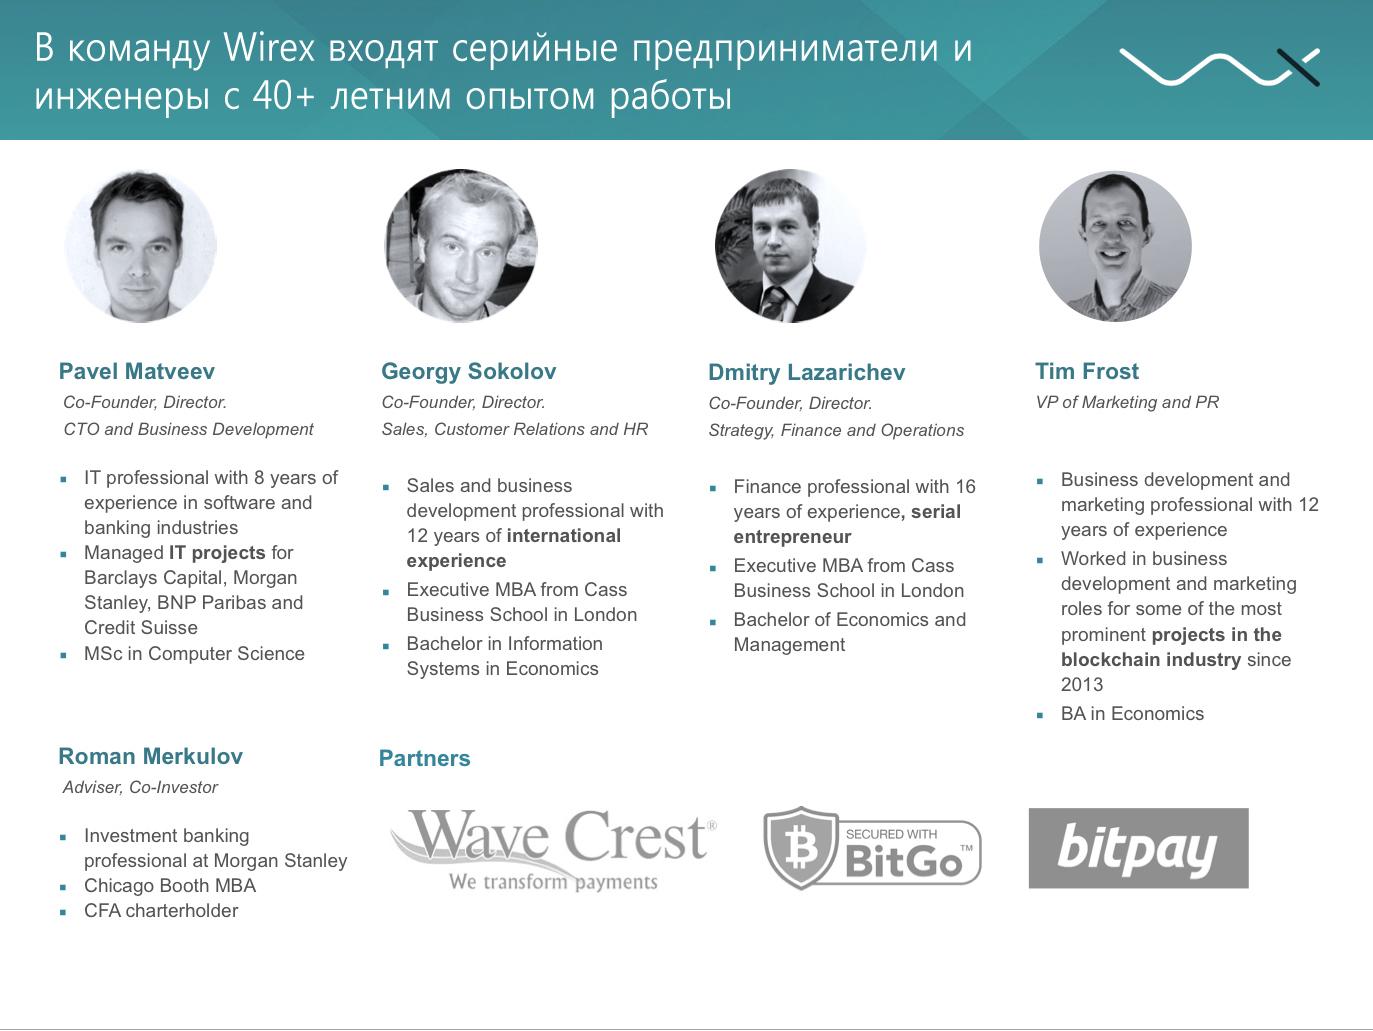 Платформа Wirex: новый шаг в развитии финансовых услуг - 6